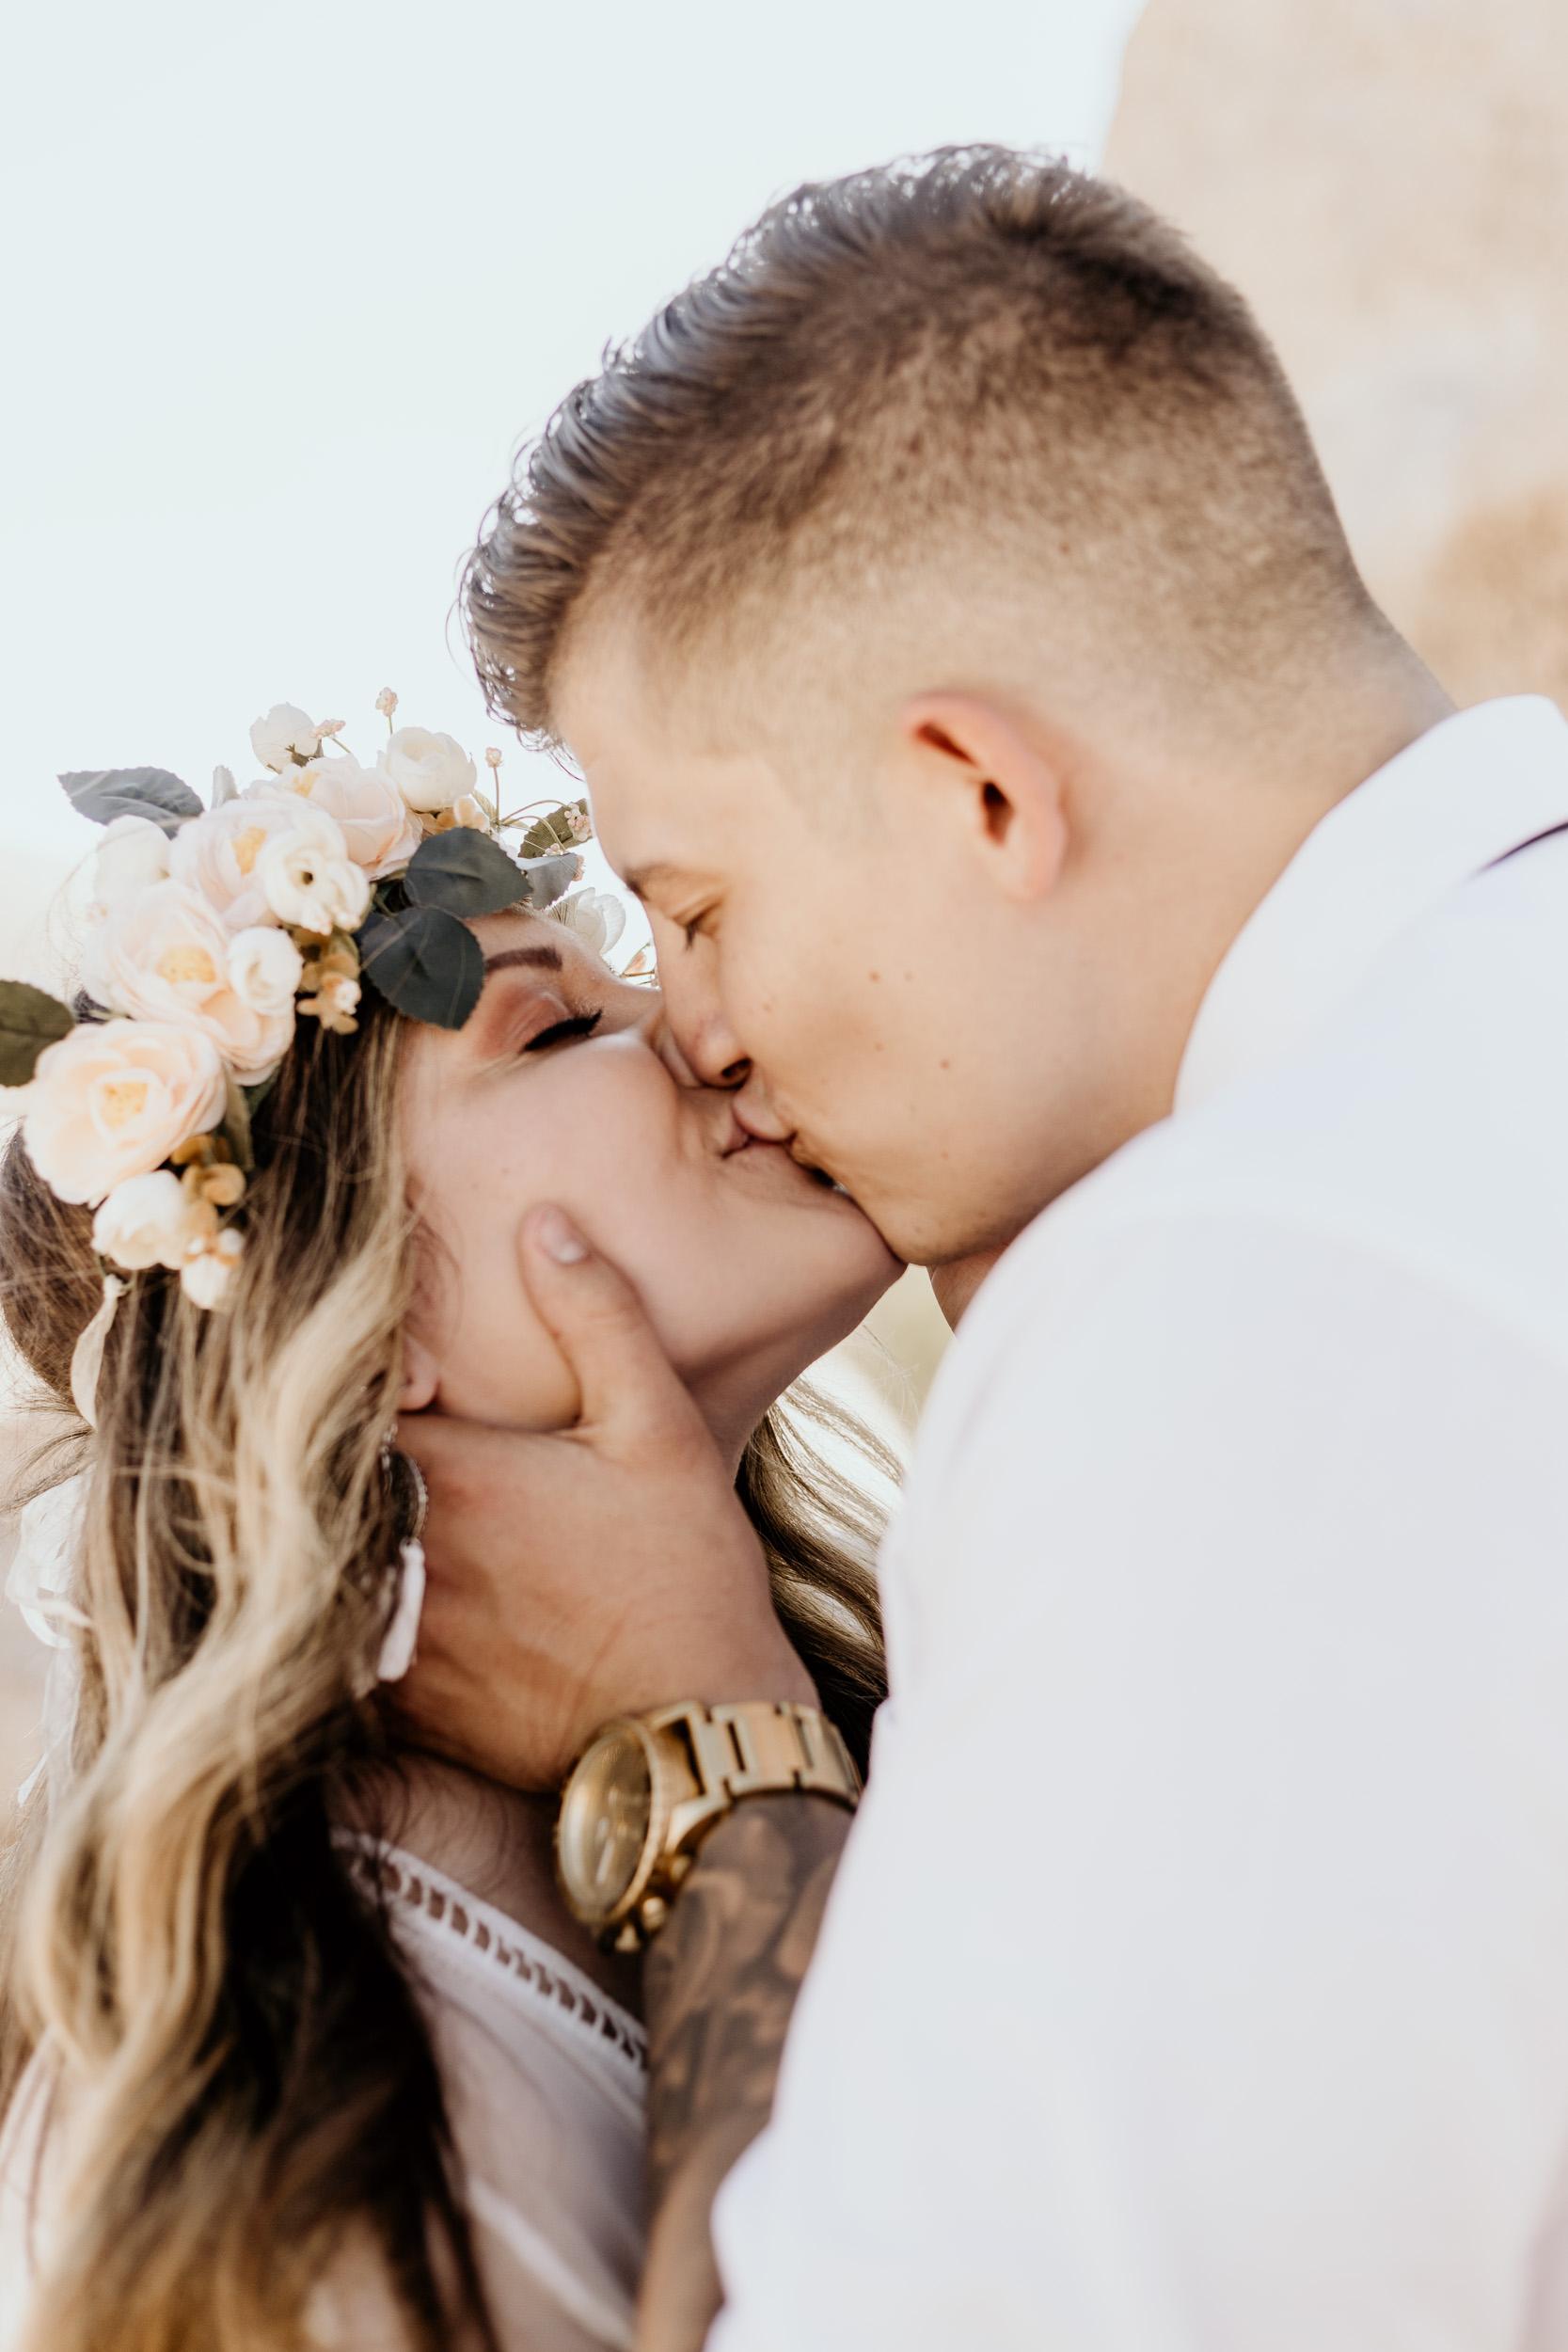 intimate-wedding-elopement-photographer-ottawa-joshua-tree-0577.jpg